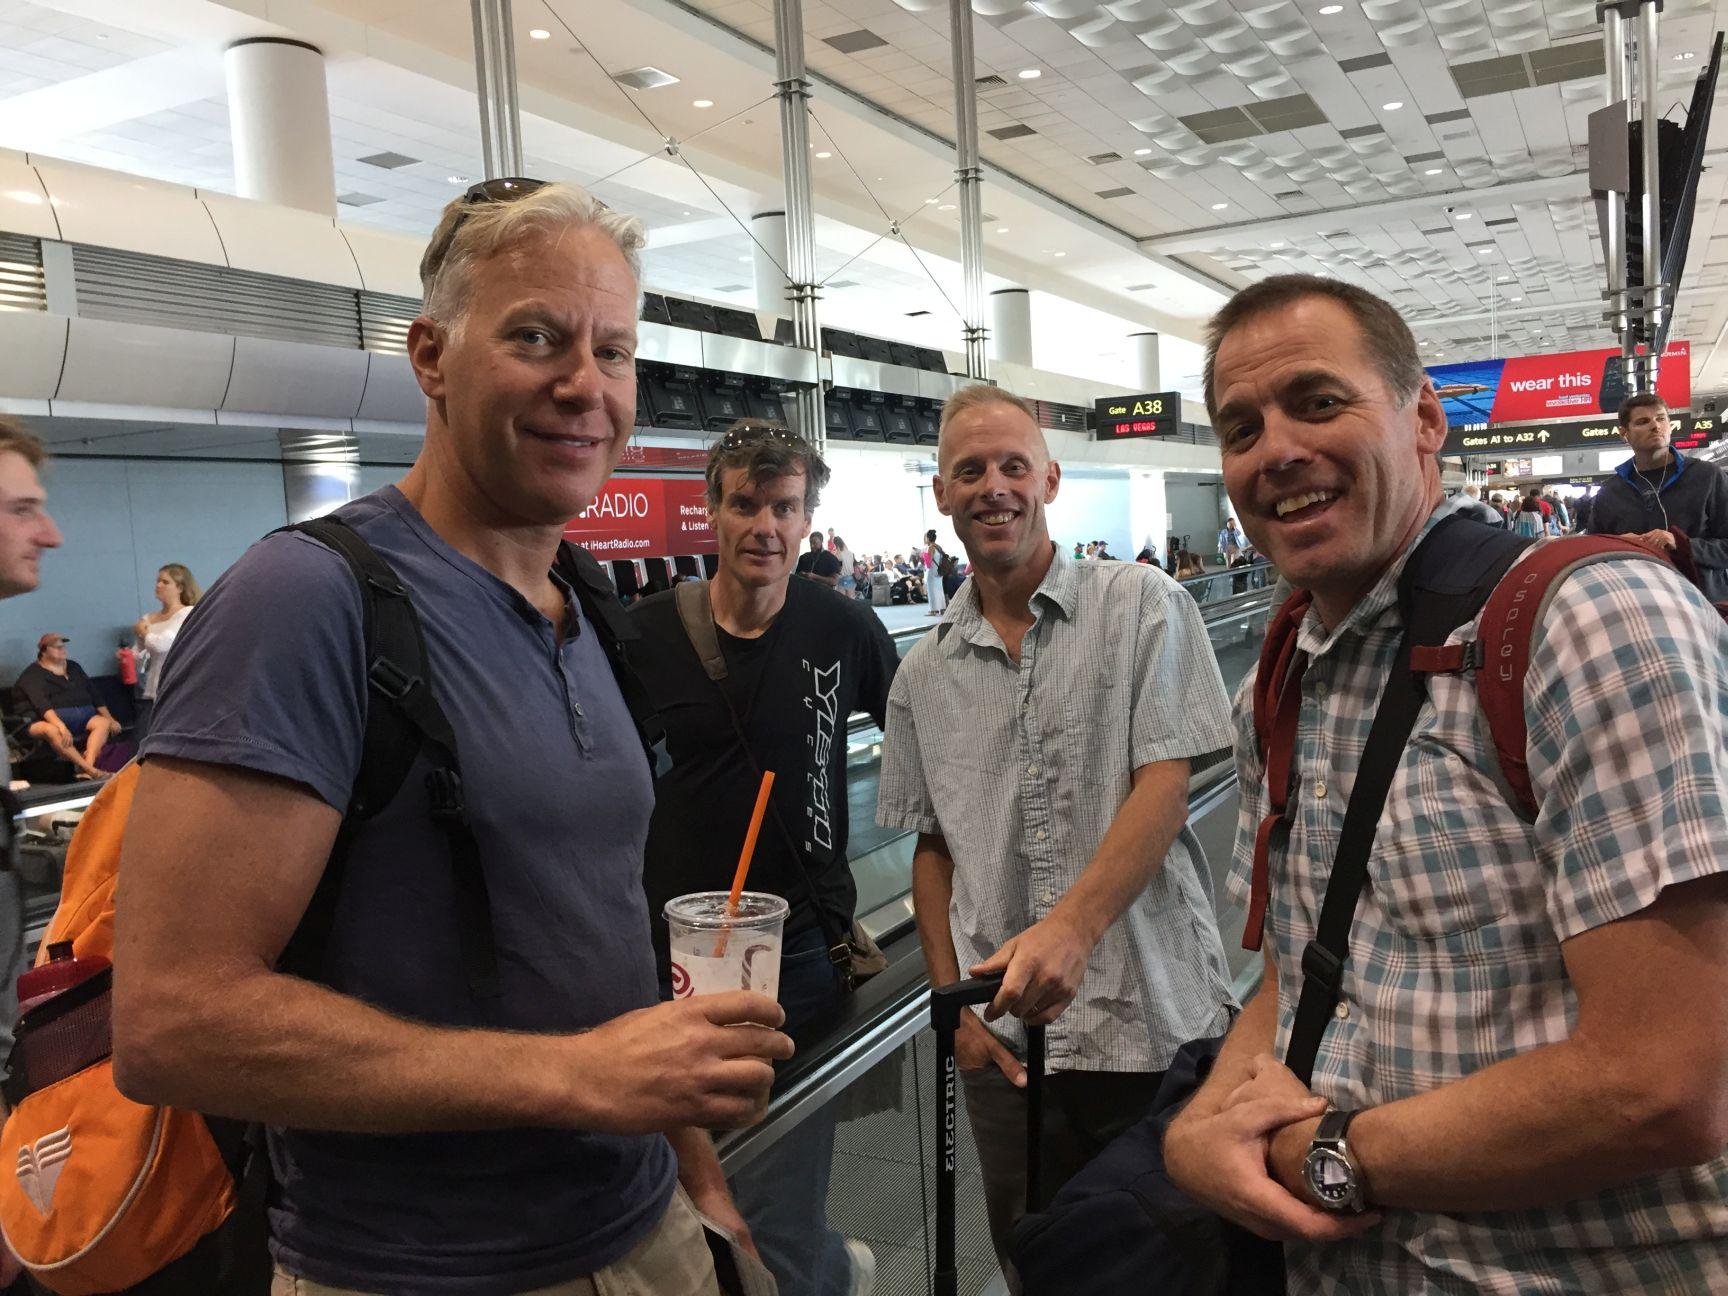 Joel, Rick, Richard and Oz